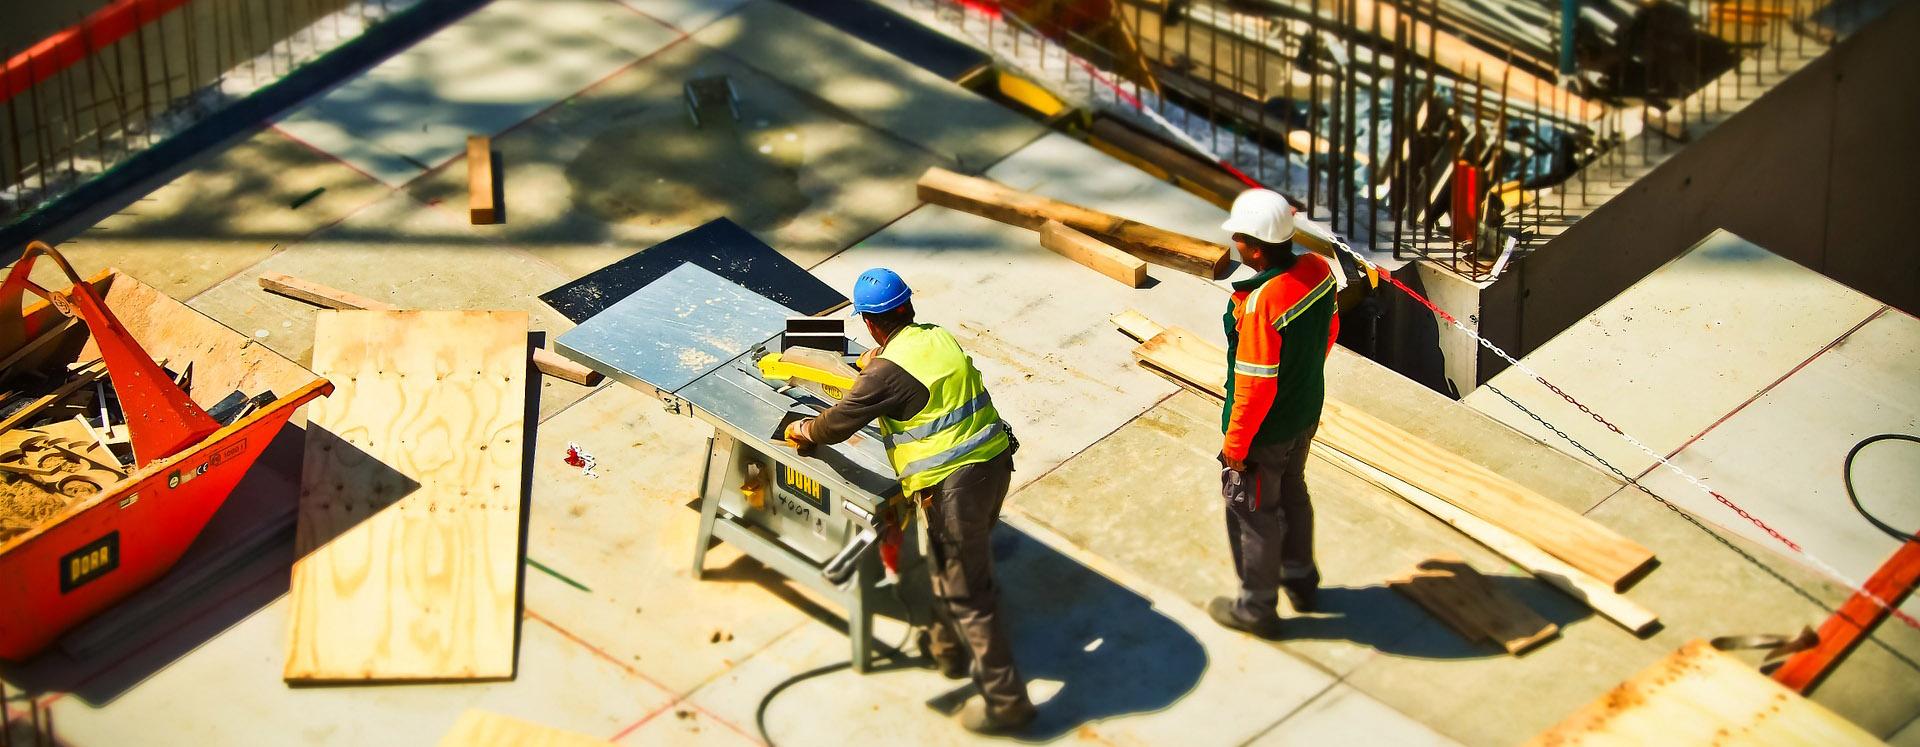 construction-1510561_1920.jpg